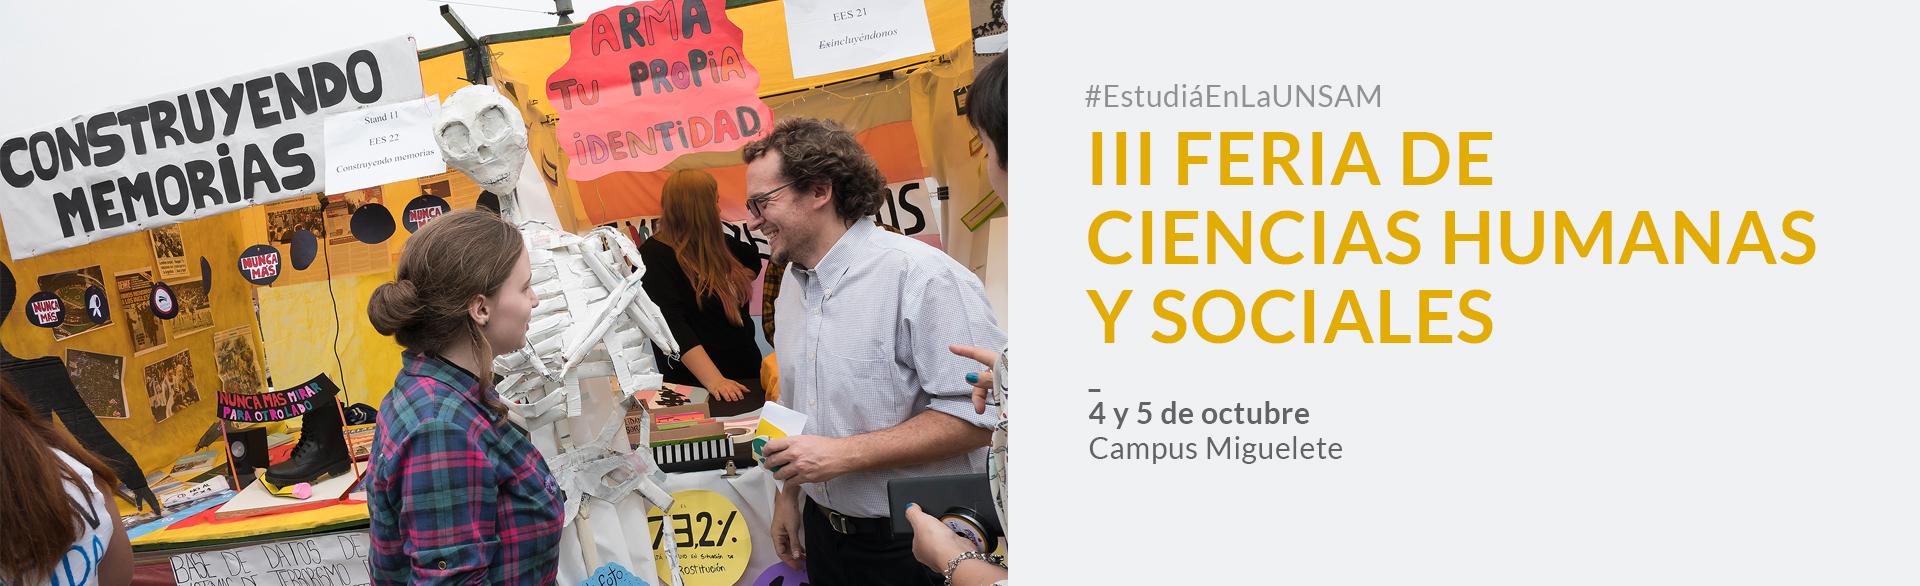 III Feria de Ciencias Humanas y Sociales